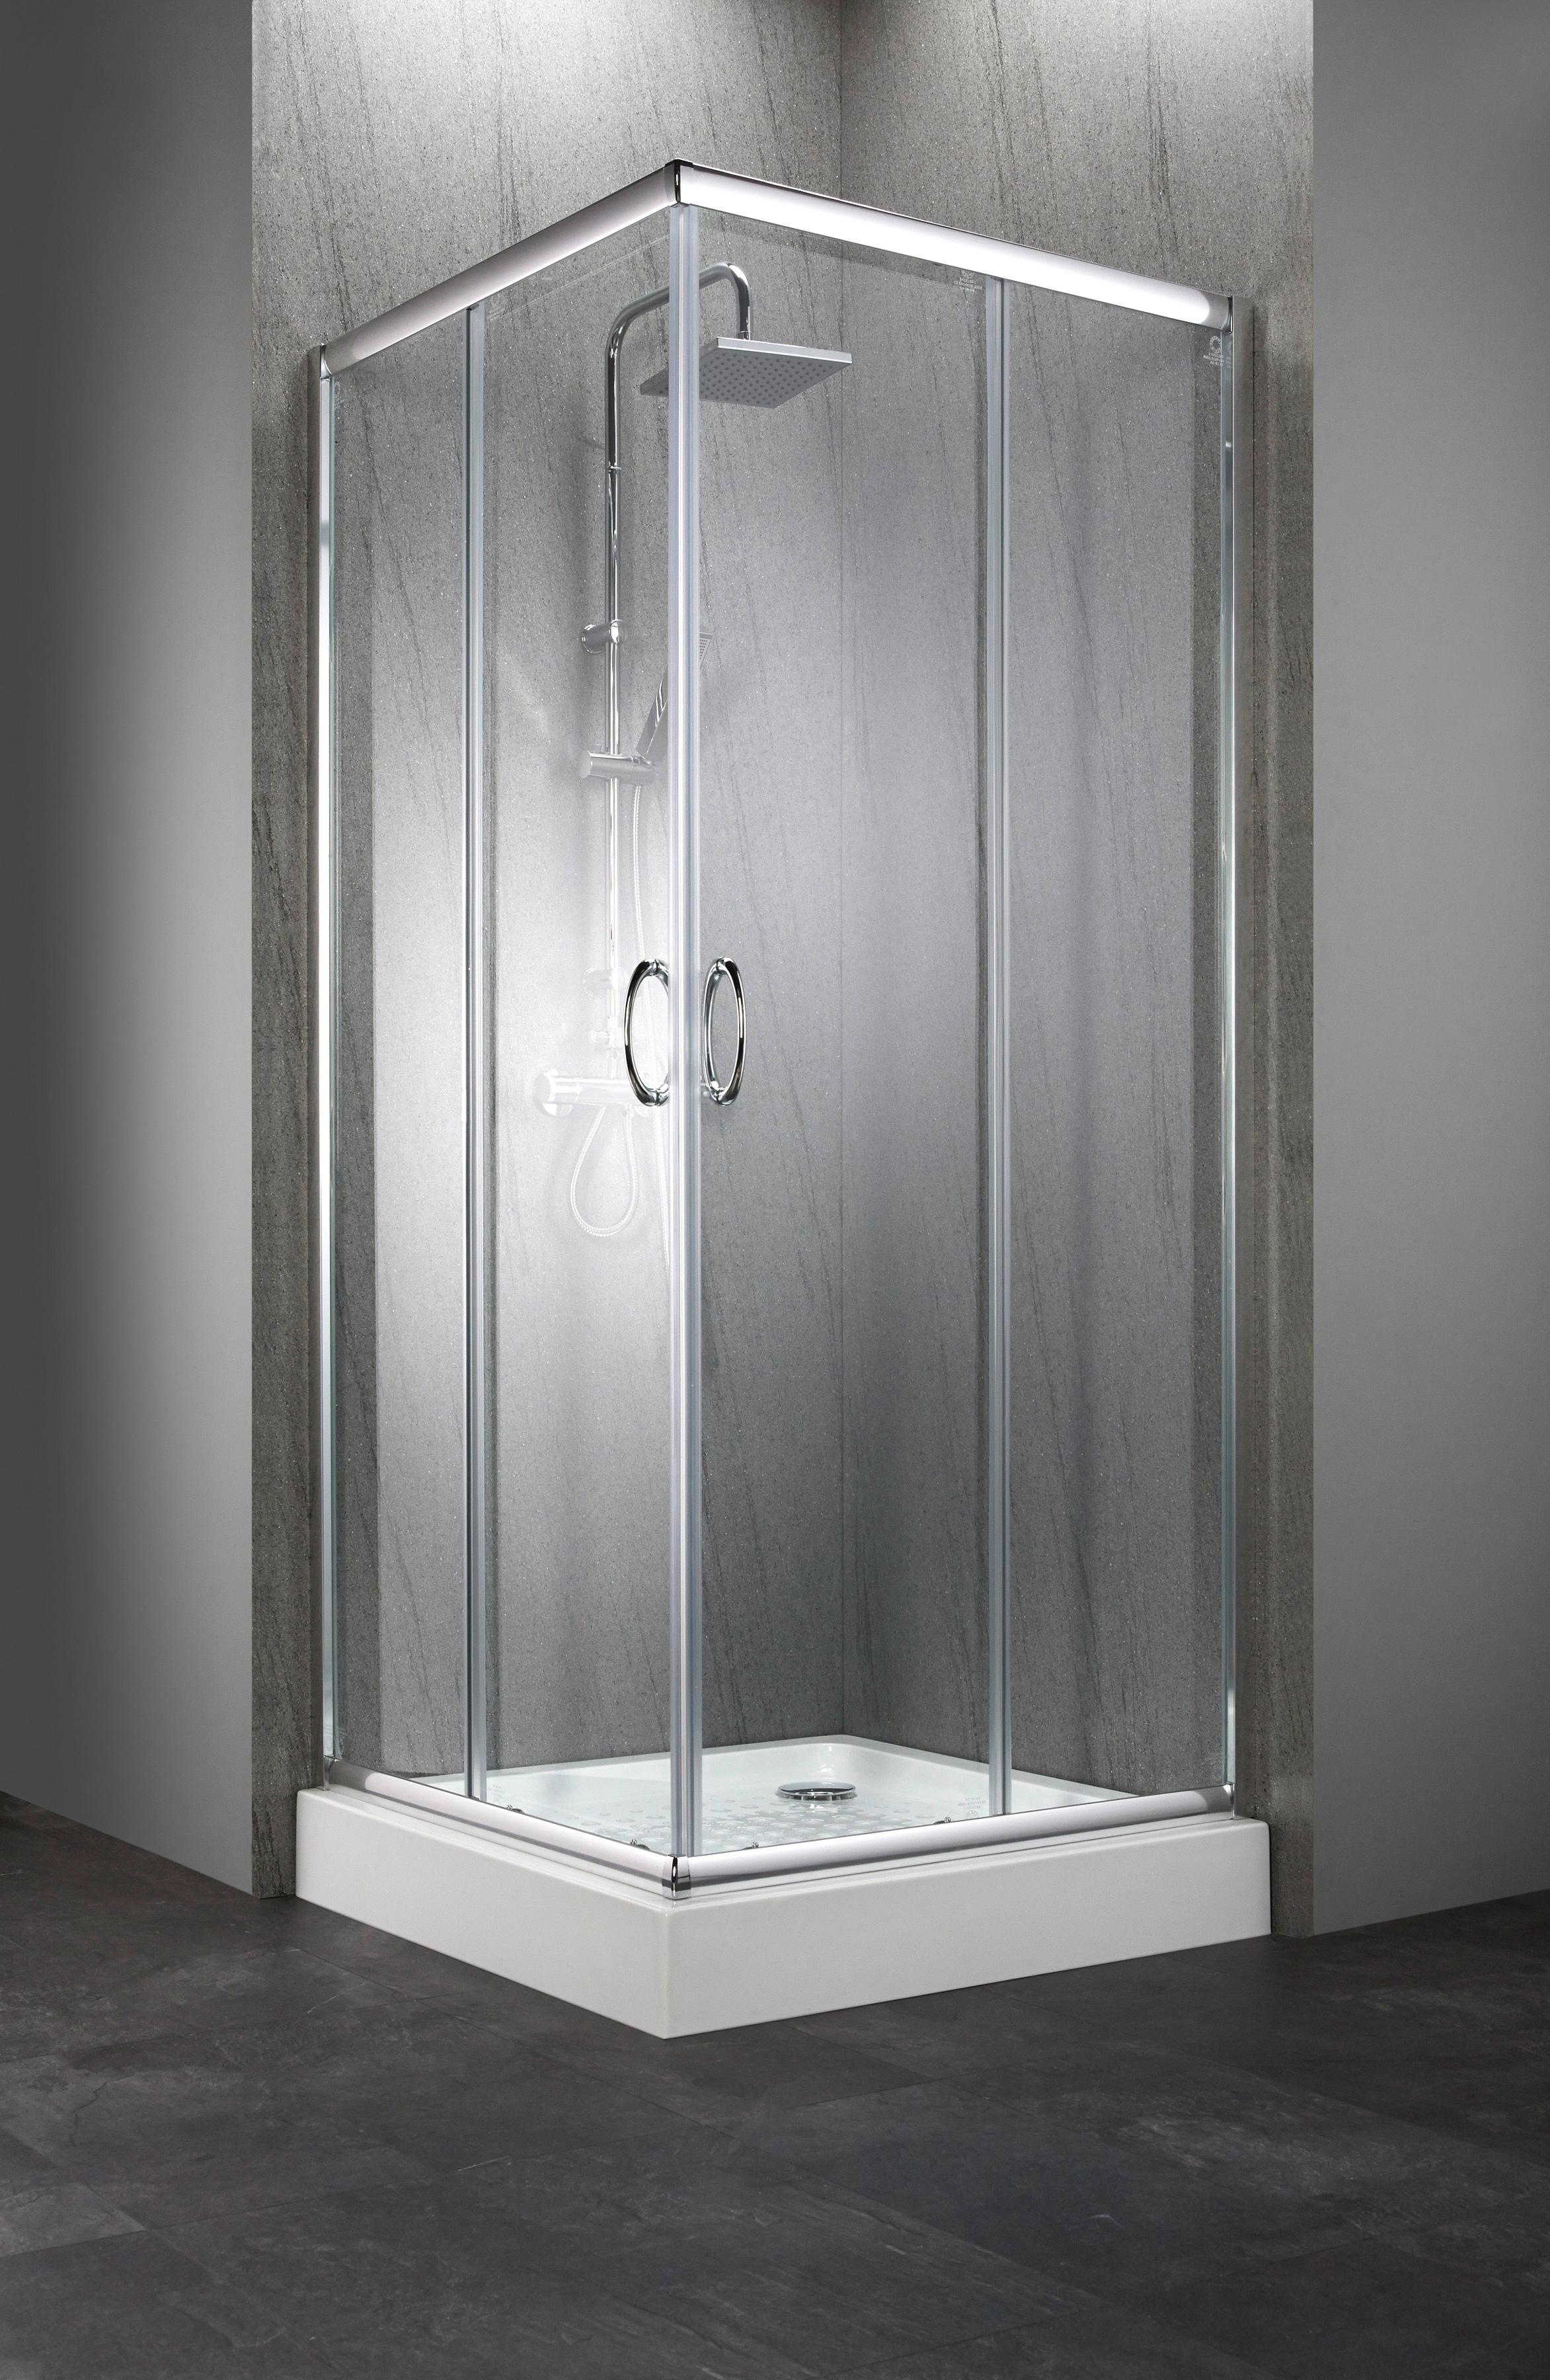 Sparset: Eckdusche »Summer«, Eckeinstieg, 80 x 80 cm, inkl. Duschwanne | Bad > Duschen > Duschwannen | Silberfarben | QUELLE